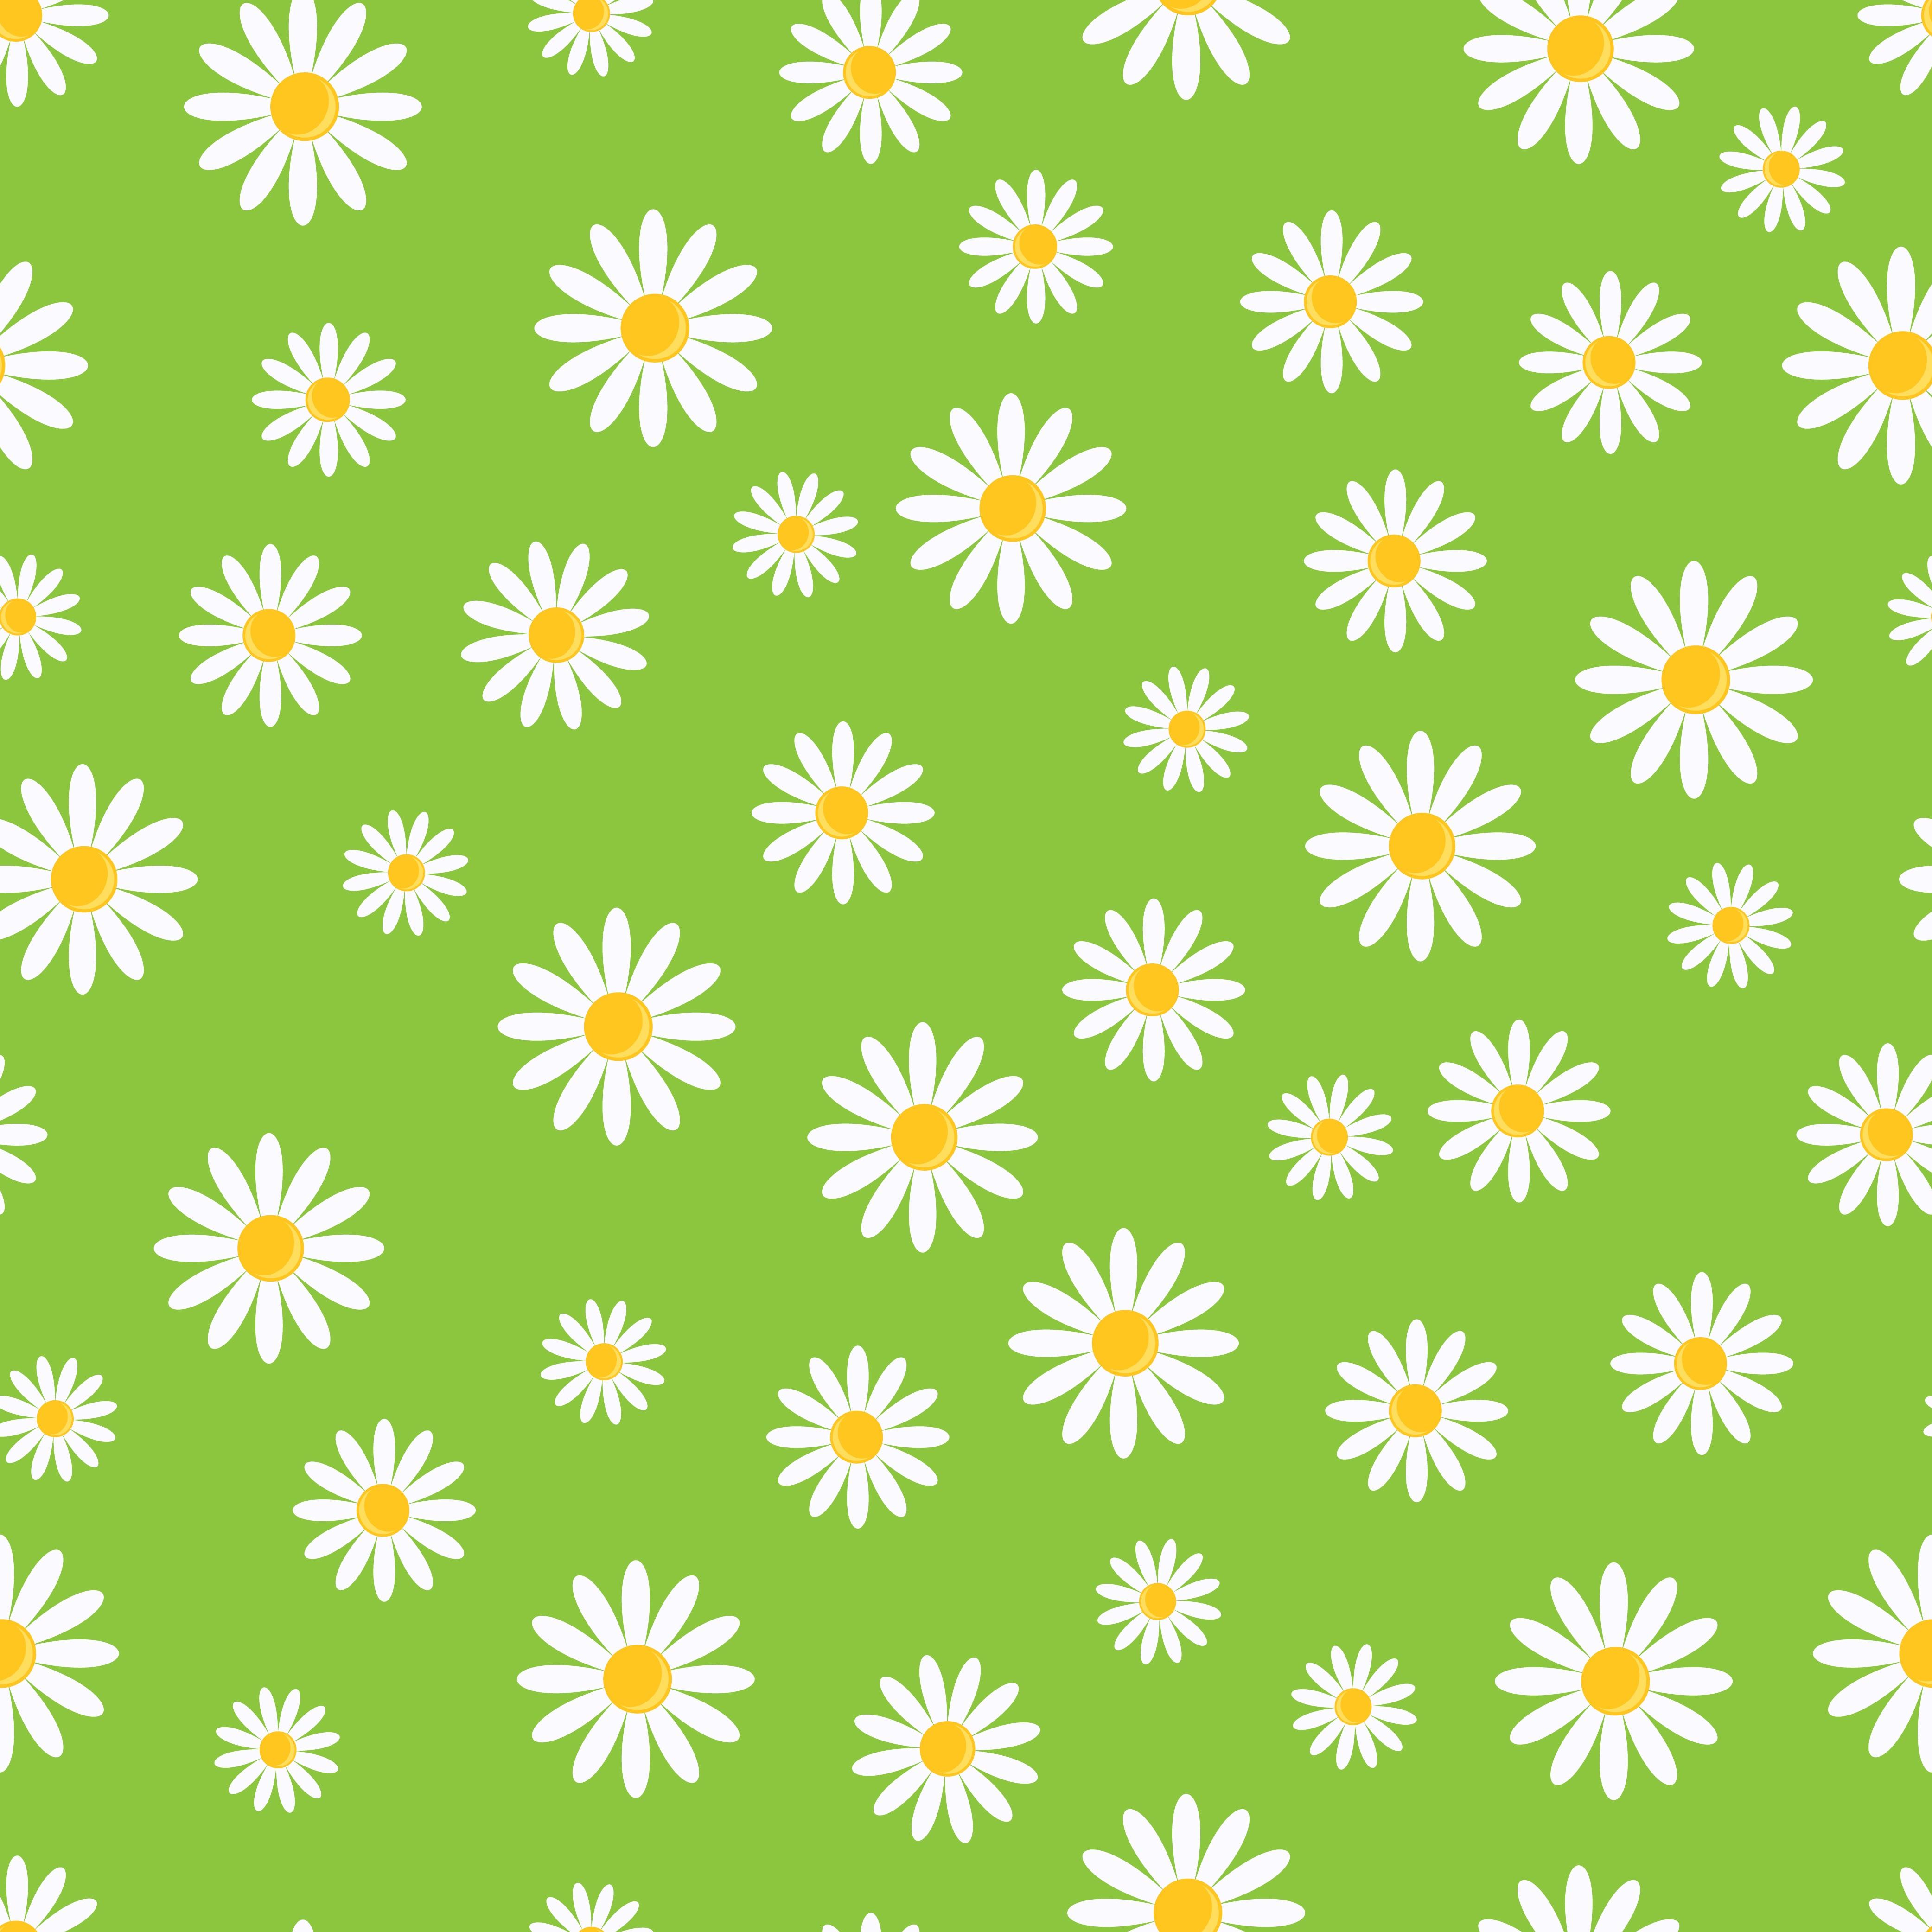 155601 скачать обои Узоры, Текстуры, Арт, Ромашки, Текстура, Зеленый - заставки и картинки бесплатно